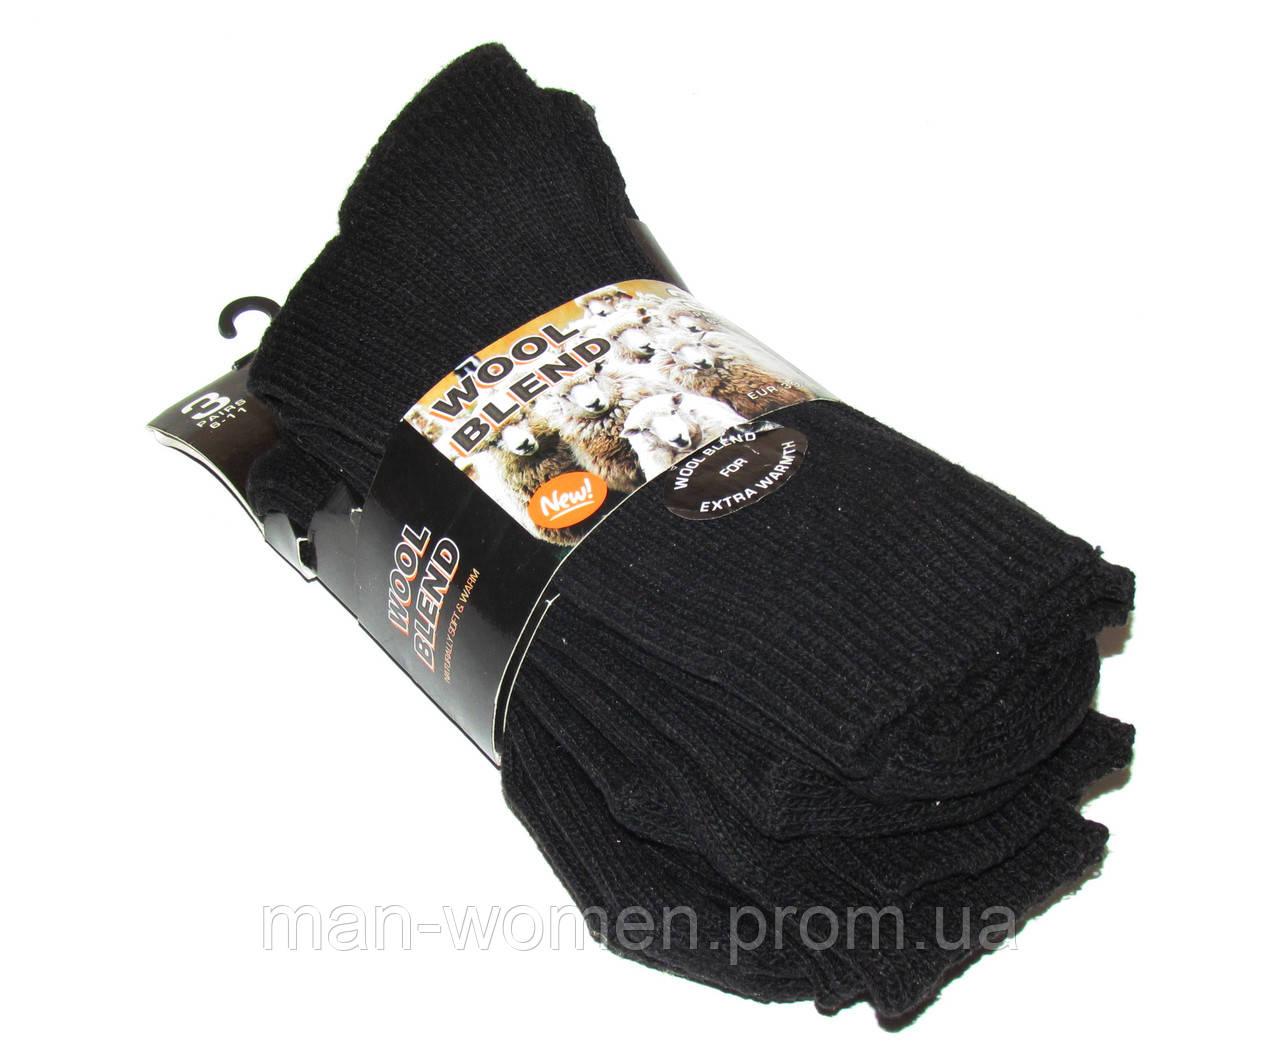 Носки-гольфы вязанные, на основе овечьей шерсти, повышенной плотности. Для военнослужащих/АТО